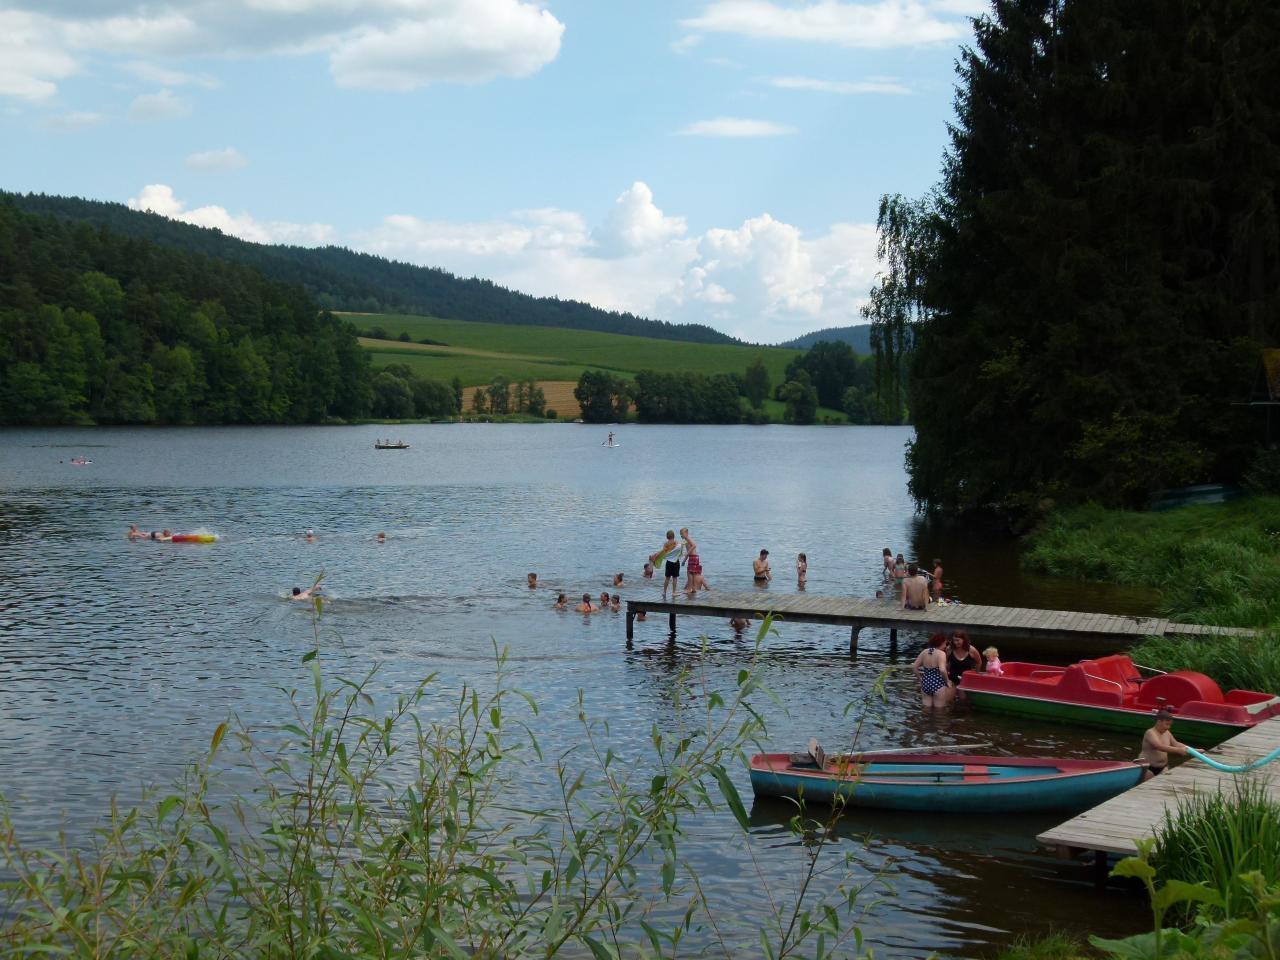 Ferienwohnung 2 (Fam. Rank) in Blaibach (119098), Blaibach, Bayerischer Wald, Bayern, Deutschland, Bild 16